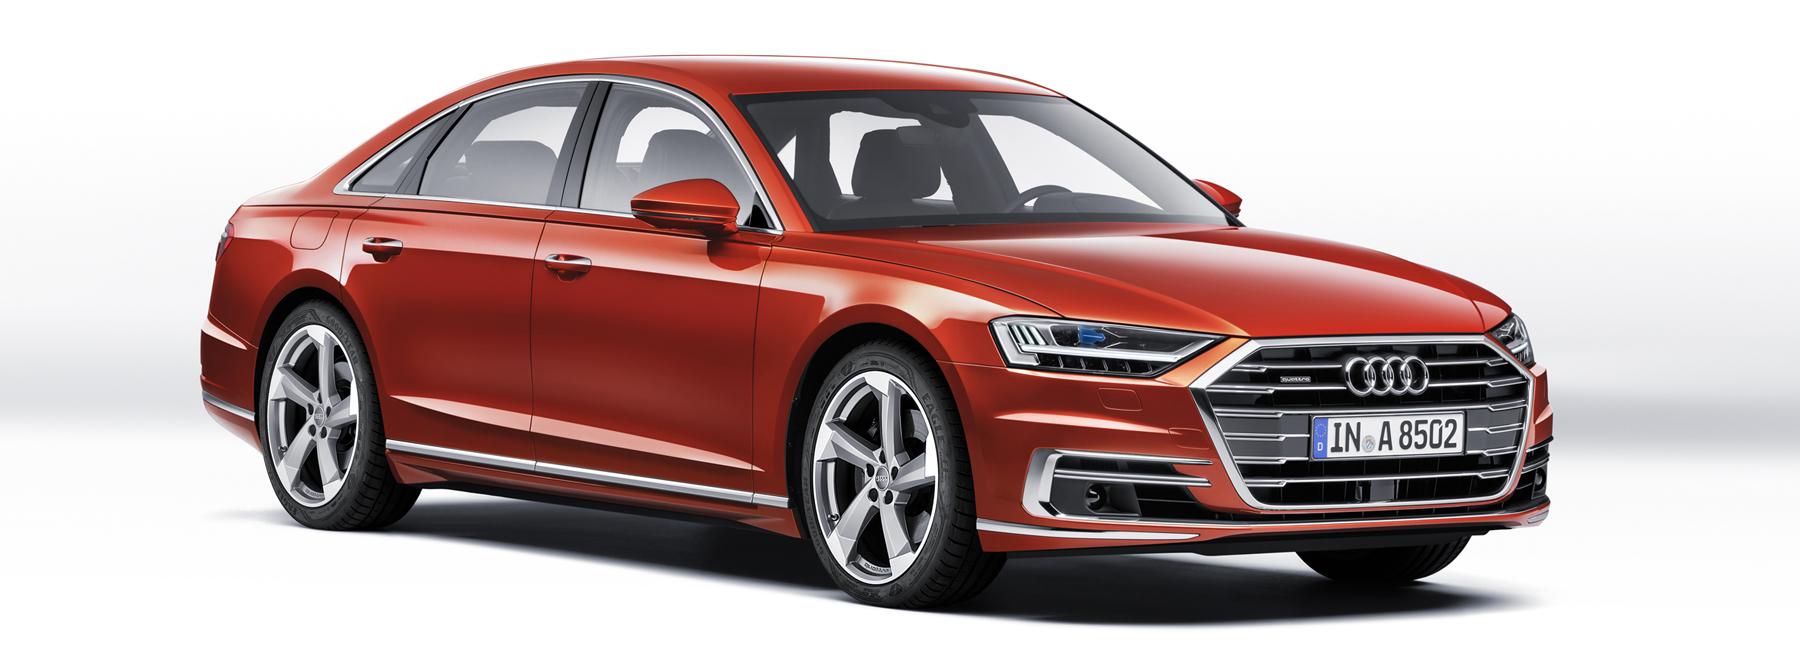 奥迪推出全新a8和a8 l展示奢侈汽车品牌的未来